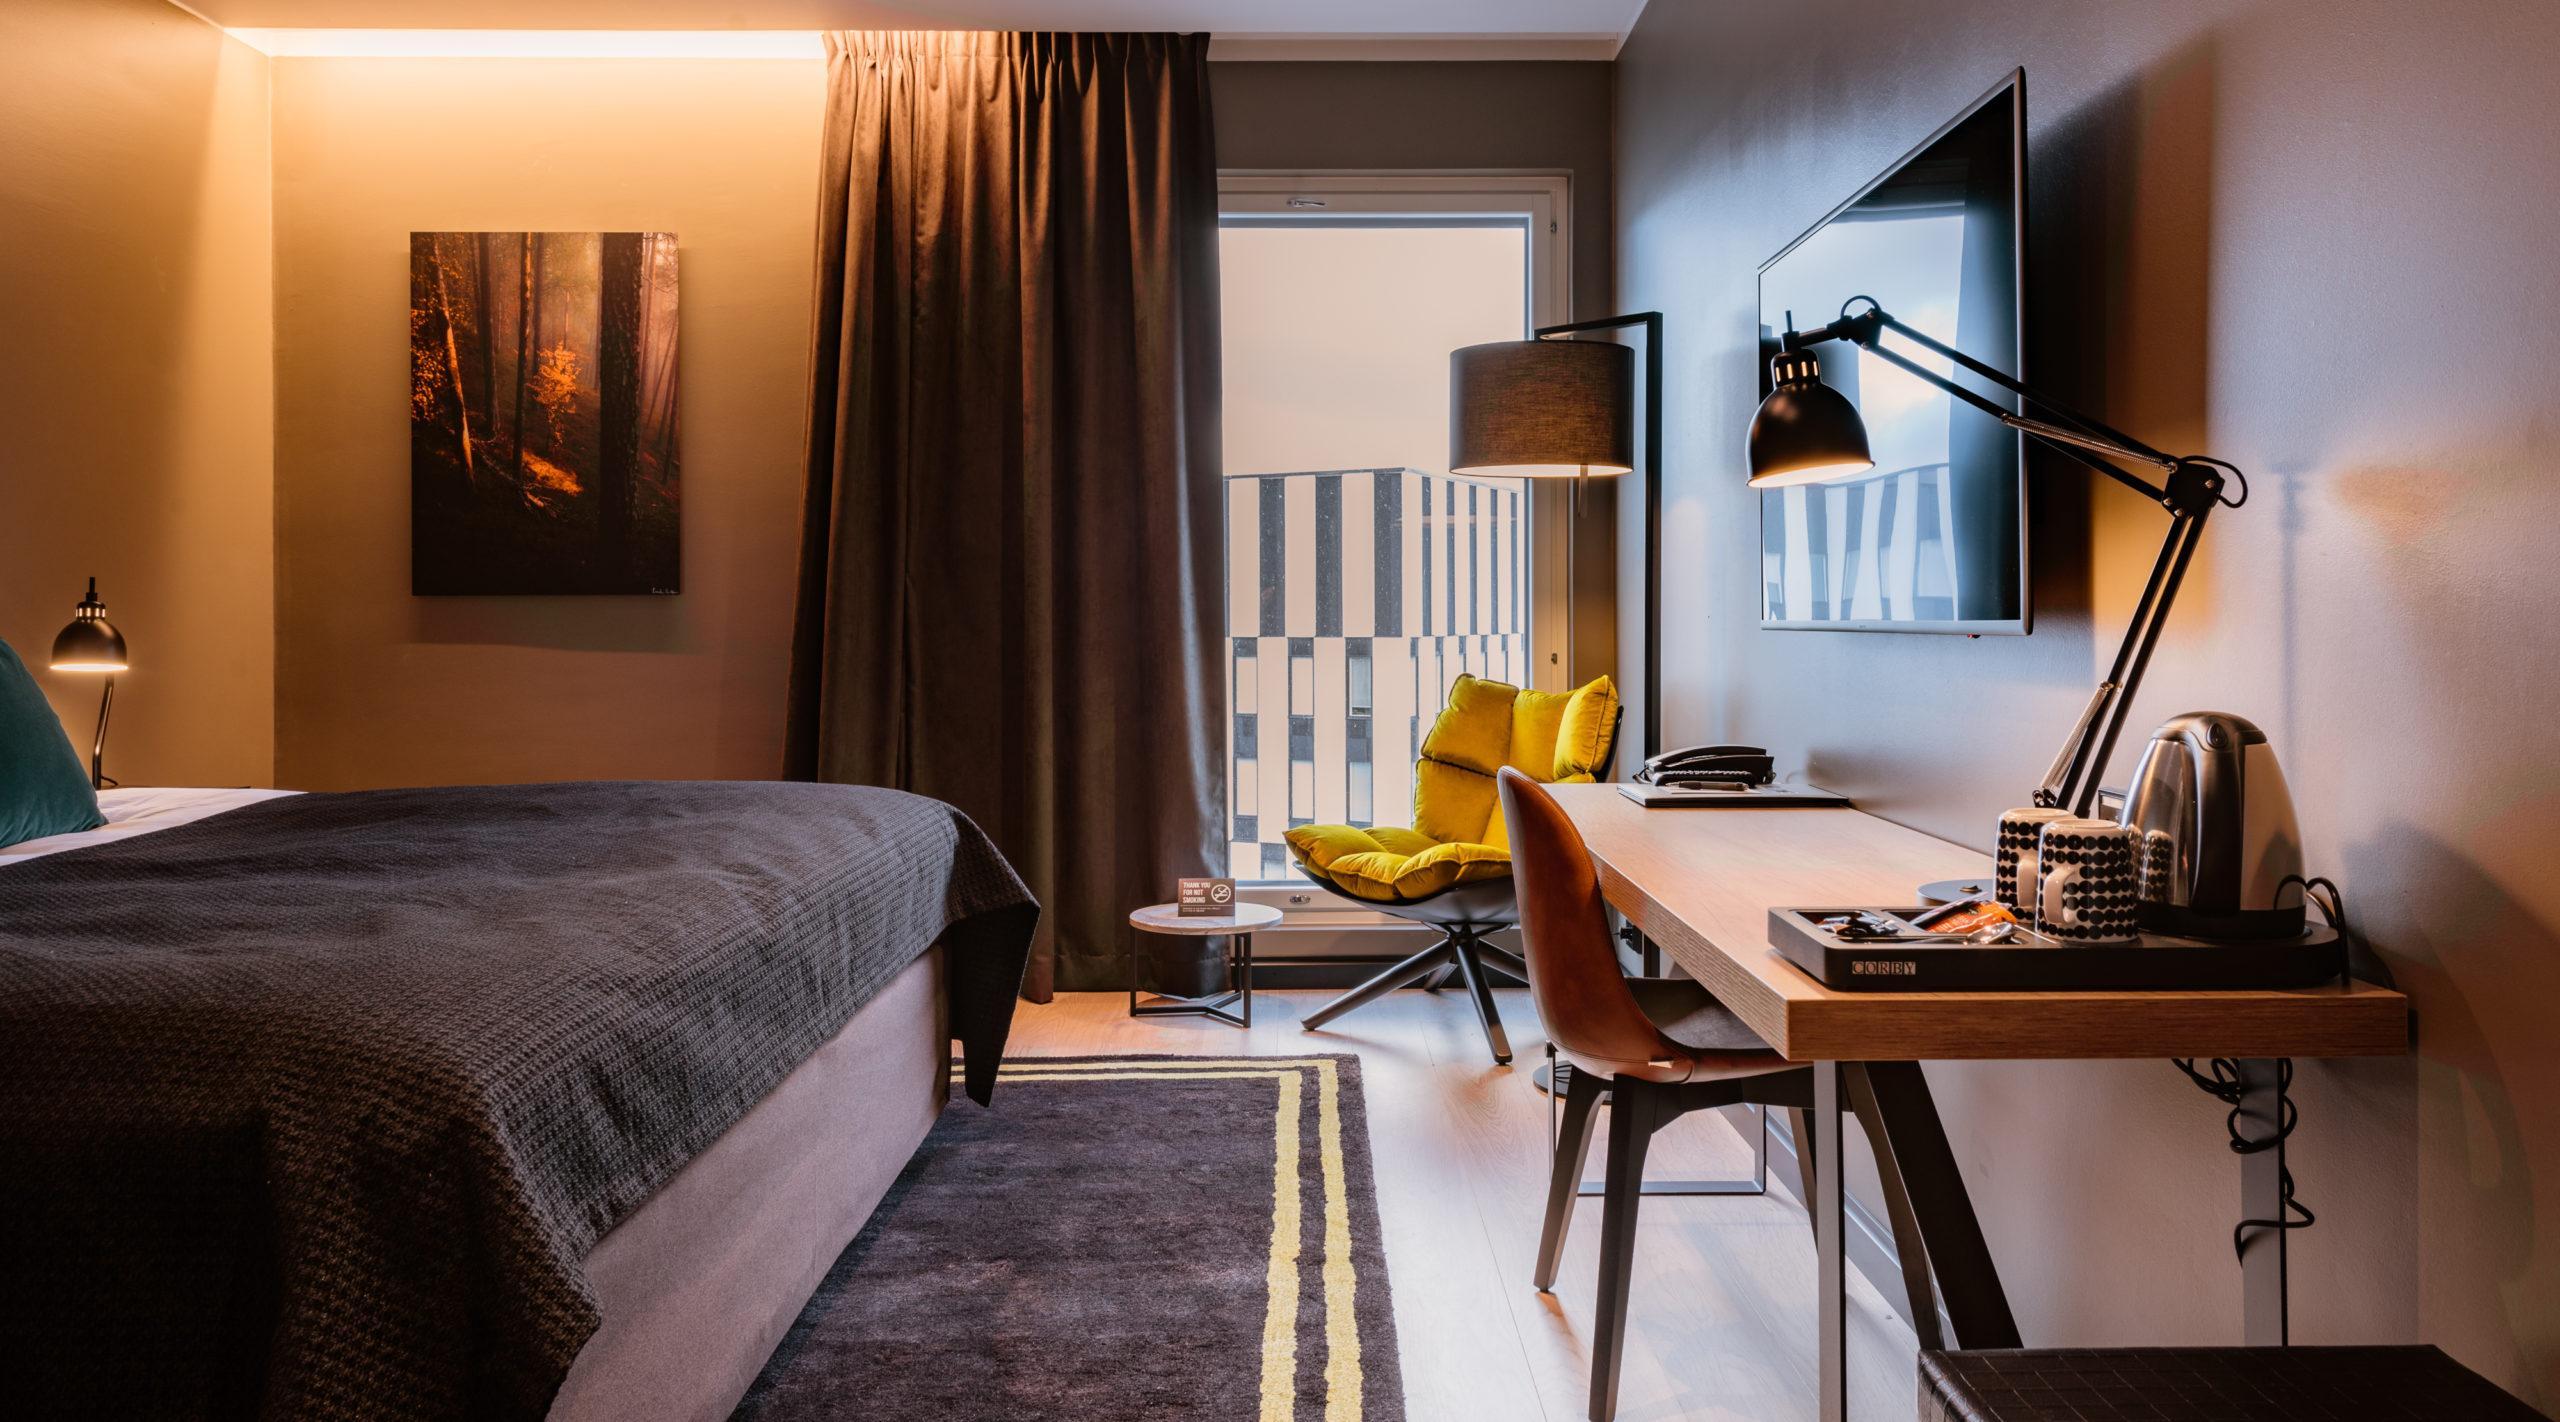 Gay/LGBTQ friendly hotel Clarion Aviapolis in Vantaa Finland, sateenkaariystävällinen Suomi yhteisön jäsen